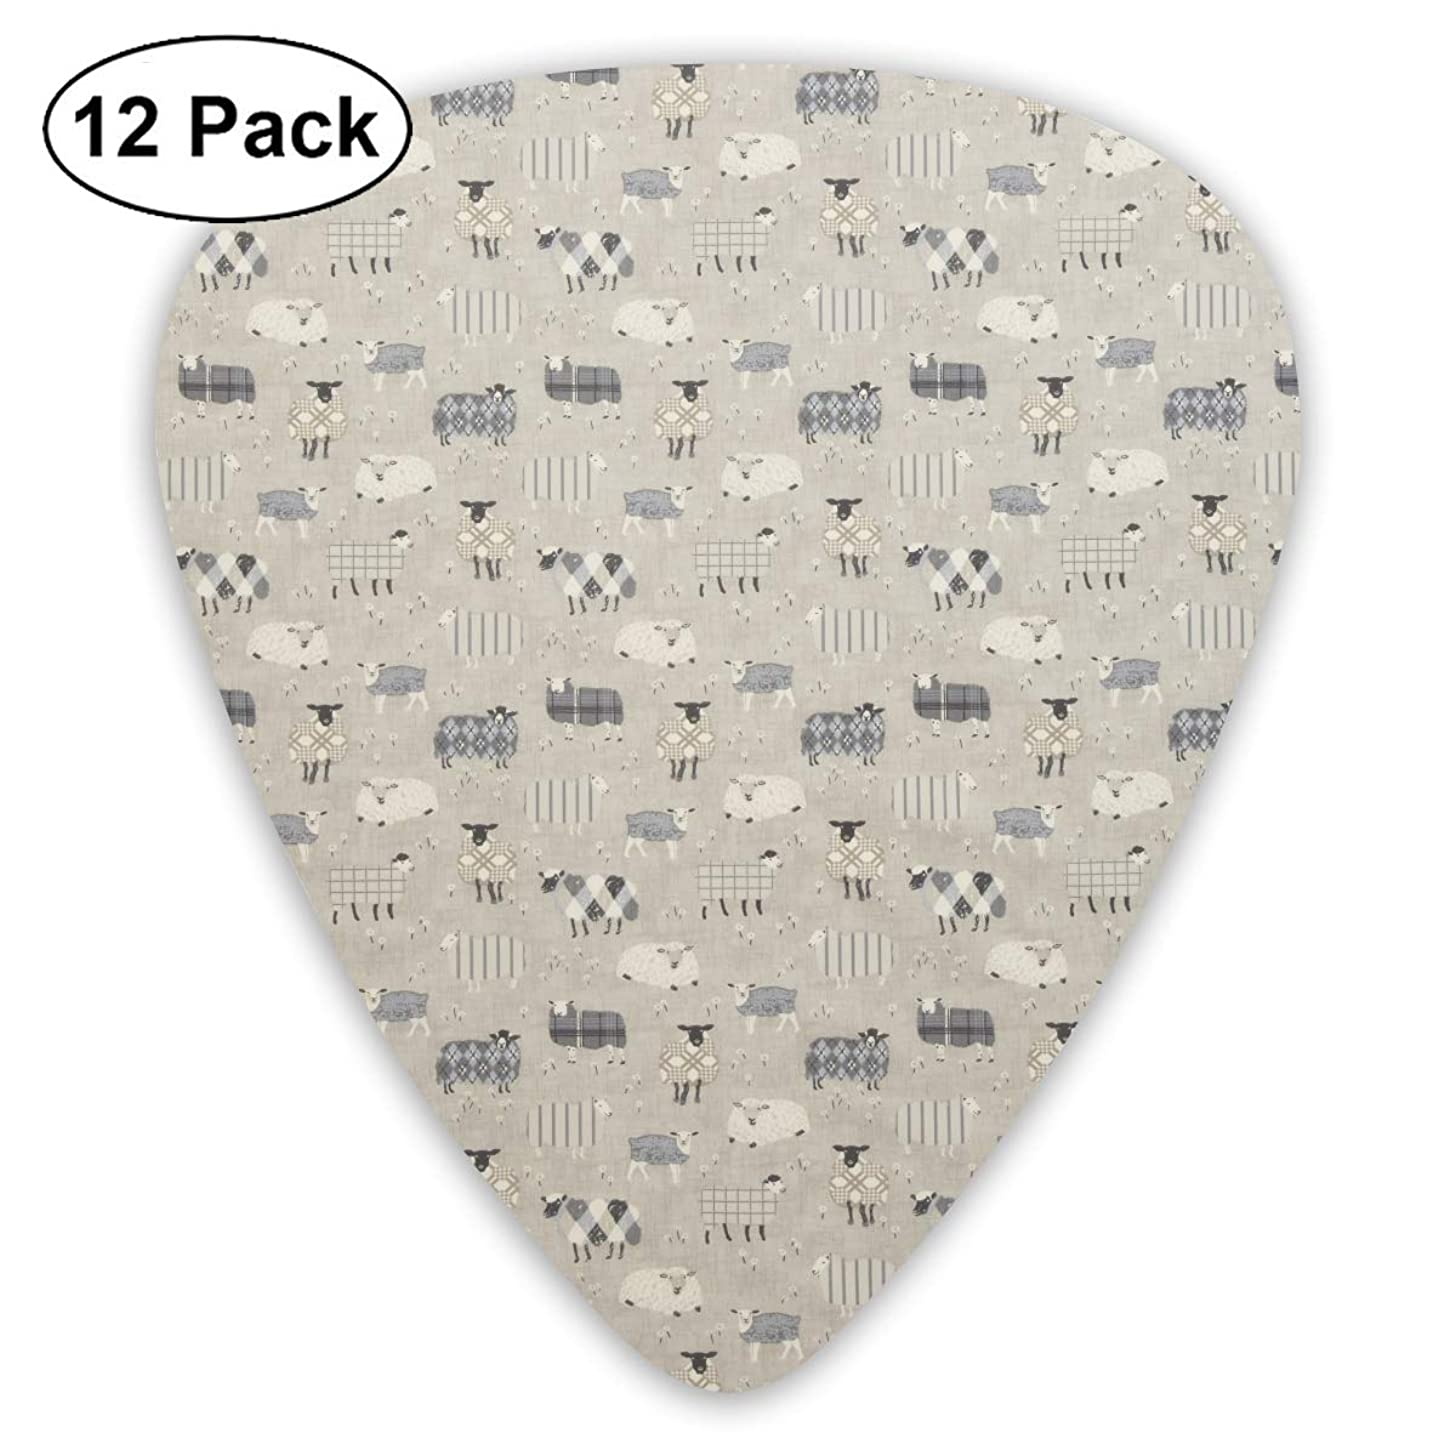 351 Shape Classic Guitar Picks Sheep Pattern Plectrums Instrument Standard Bass 12 Pack